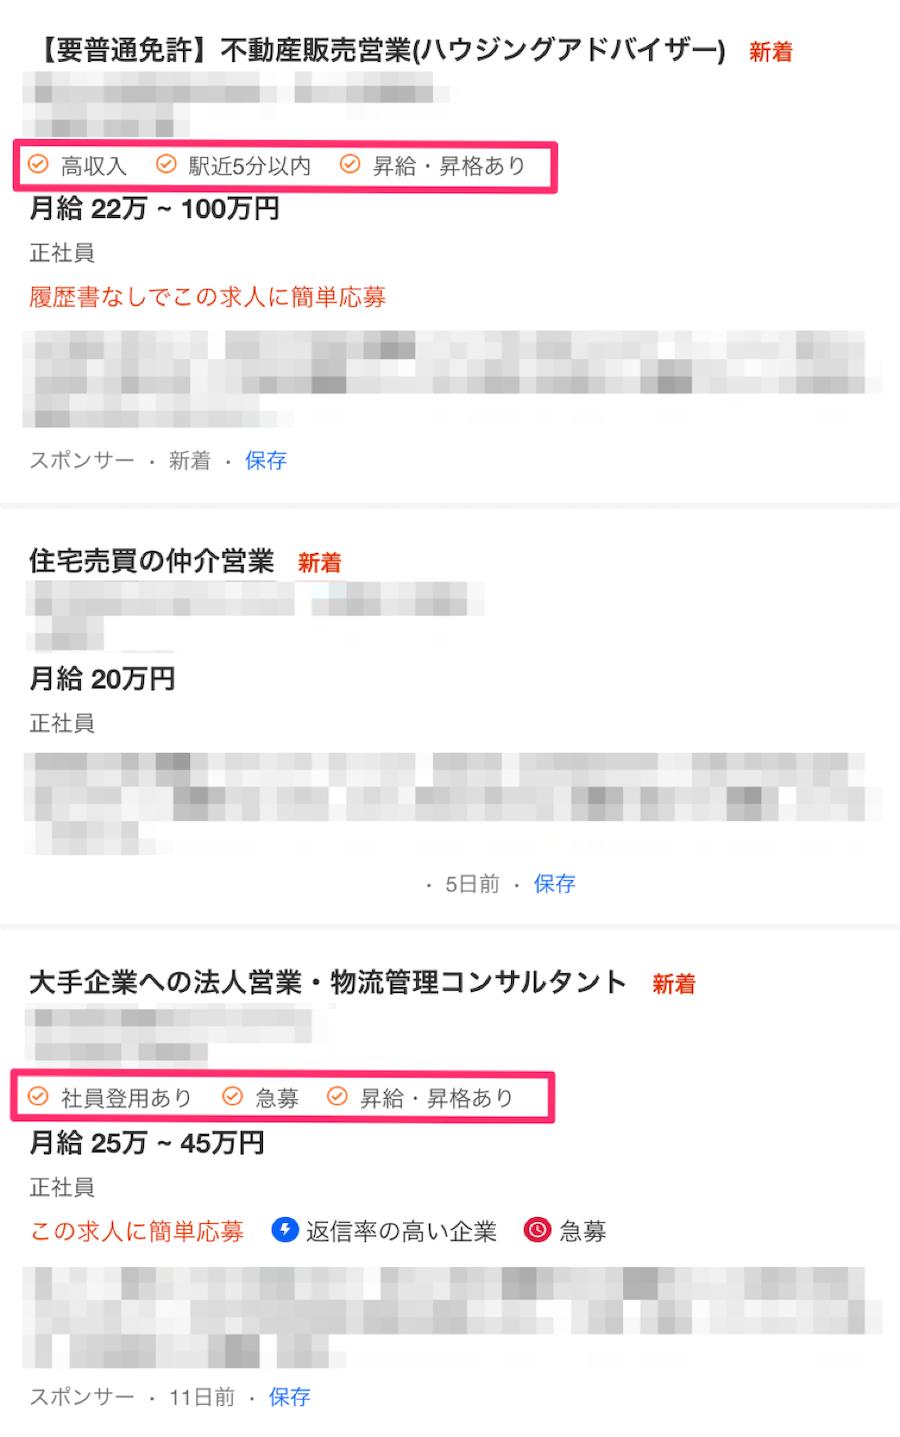 求人検索エンジン「Indeed」の求人情報でのタグ表示画面